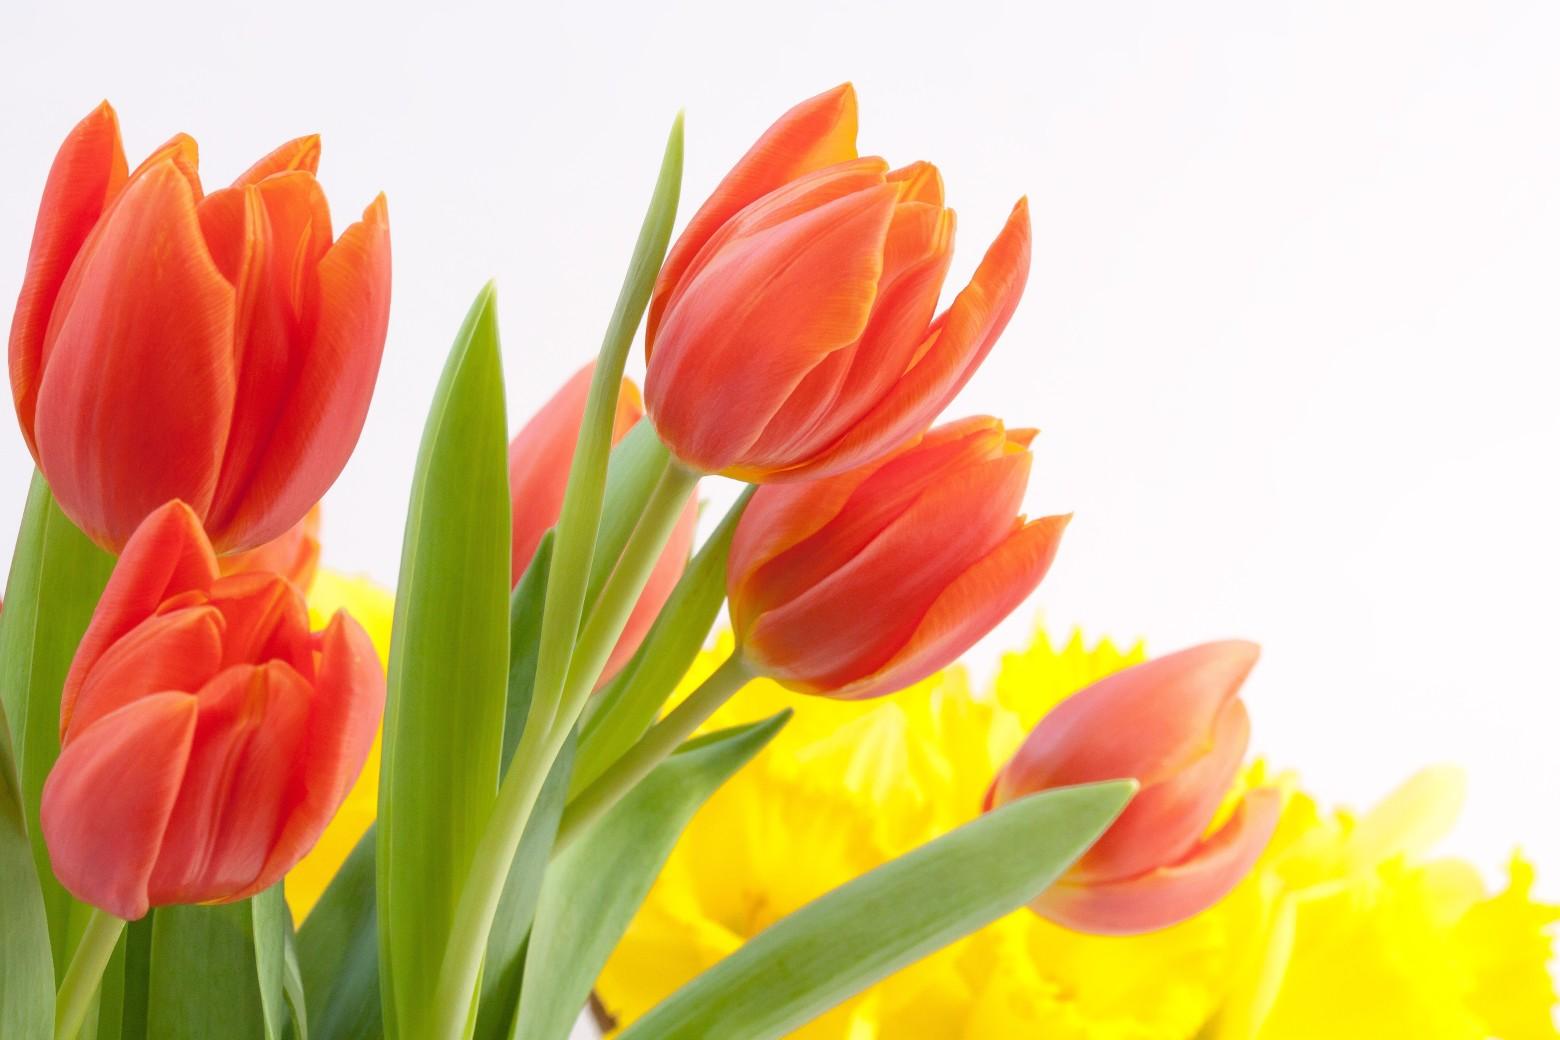 fleurs tulipes sur fond blanc images photos gratuites images gratuites et libres de droits. Black Bedroom Furniture Sets. Home Design Ideas